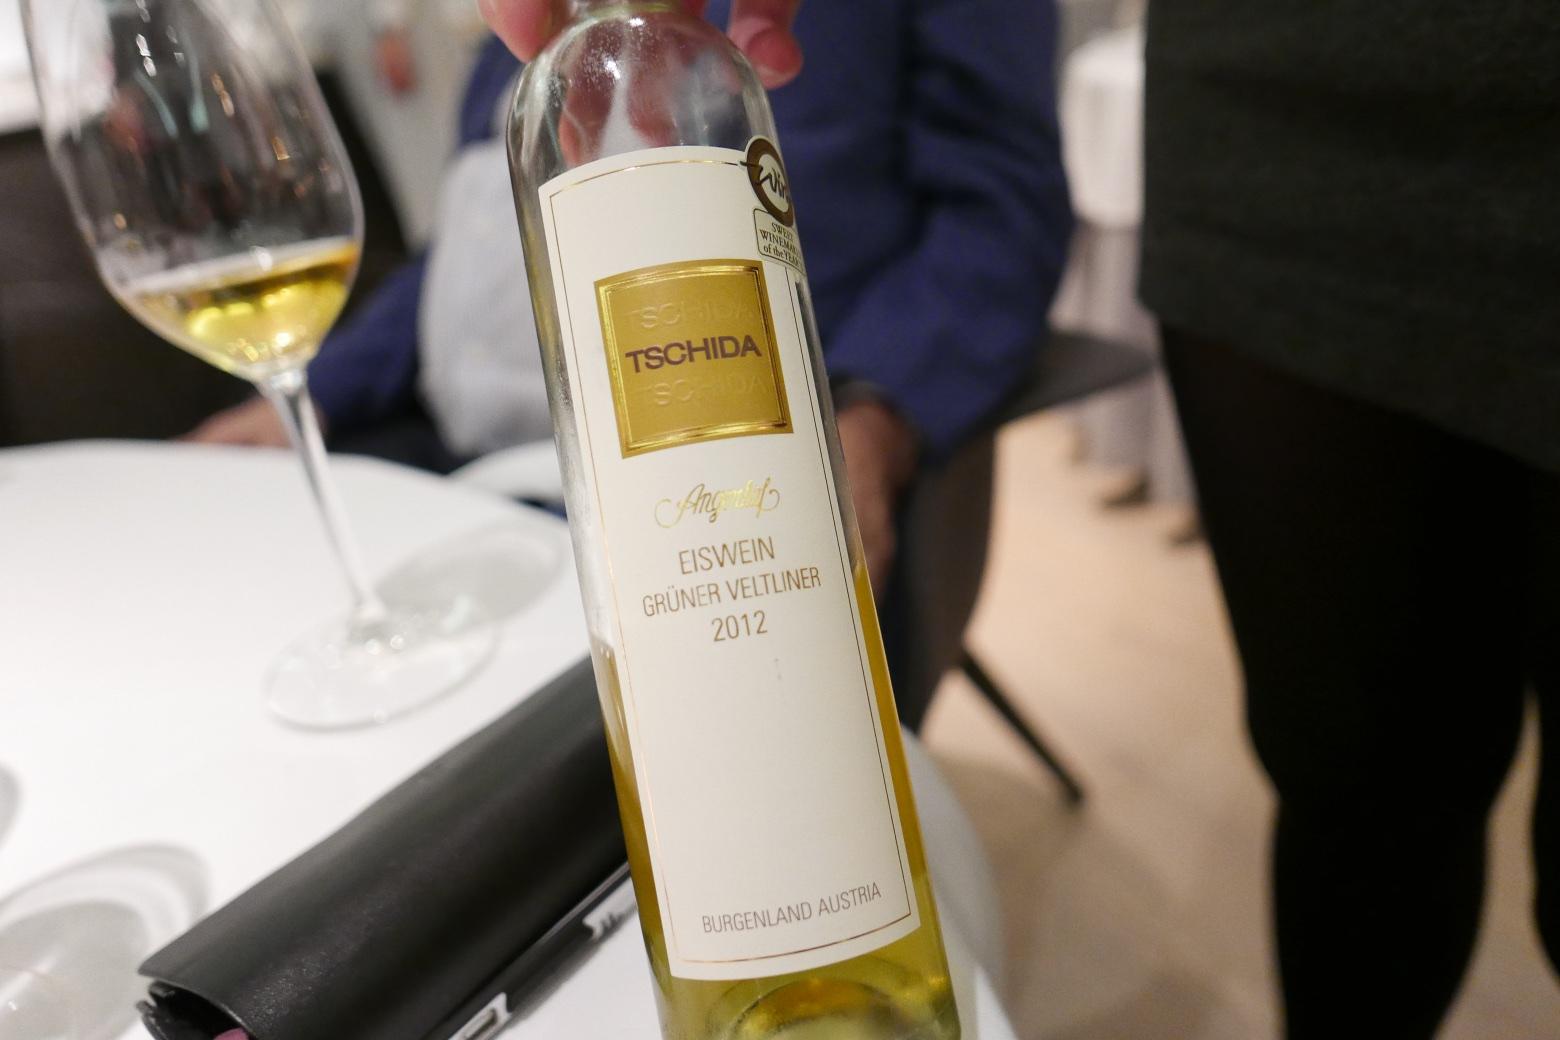 2012 Tschida Angerhof Grüner Veltliner Ice Wine Burgenland